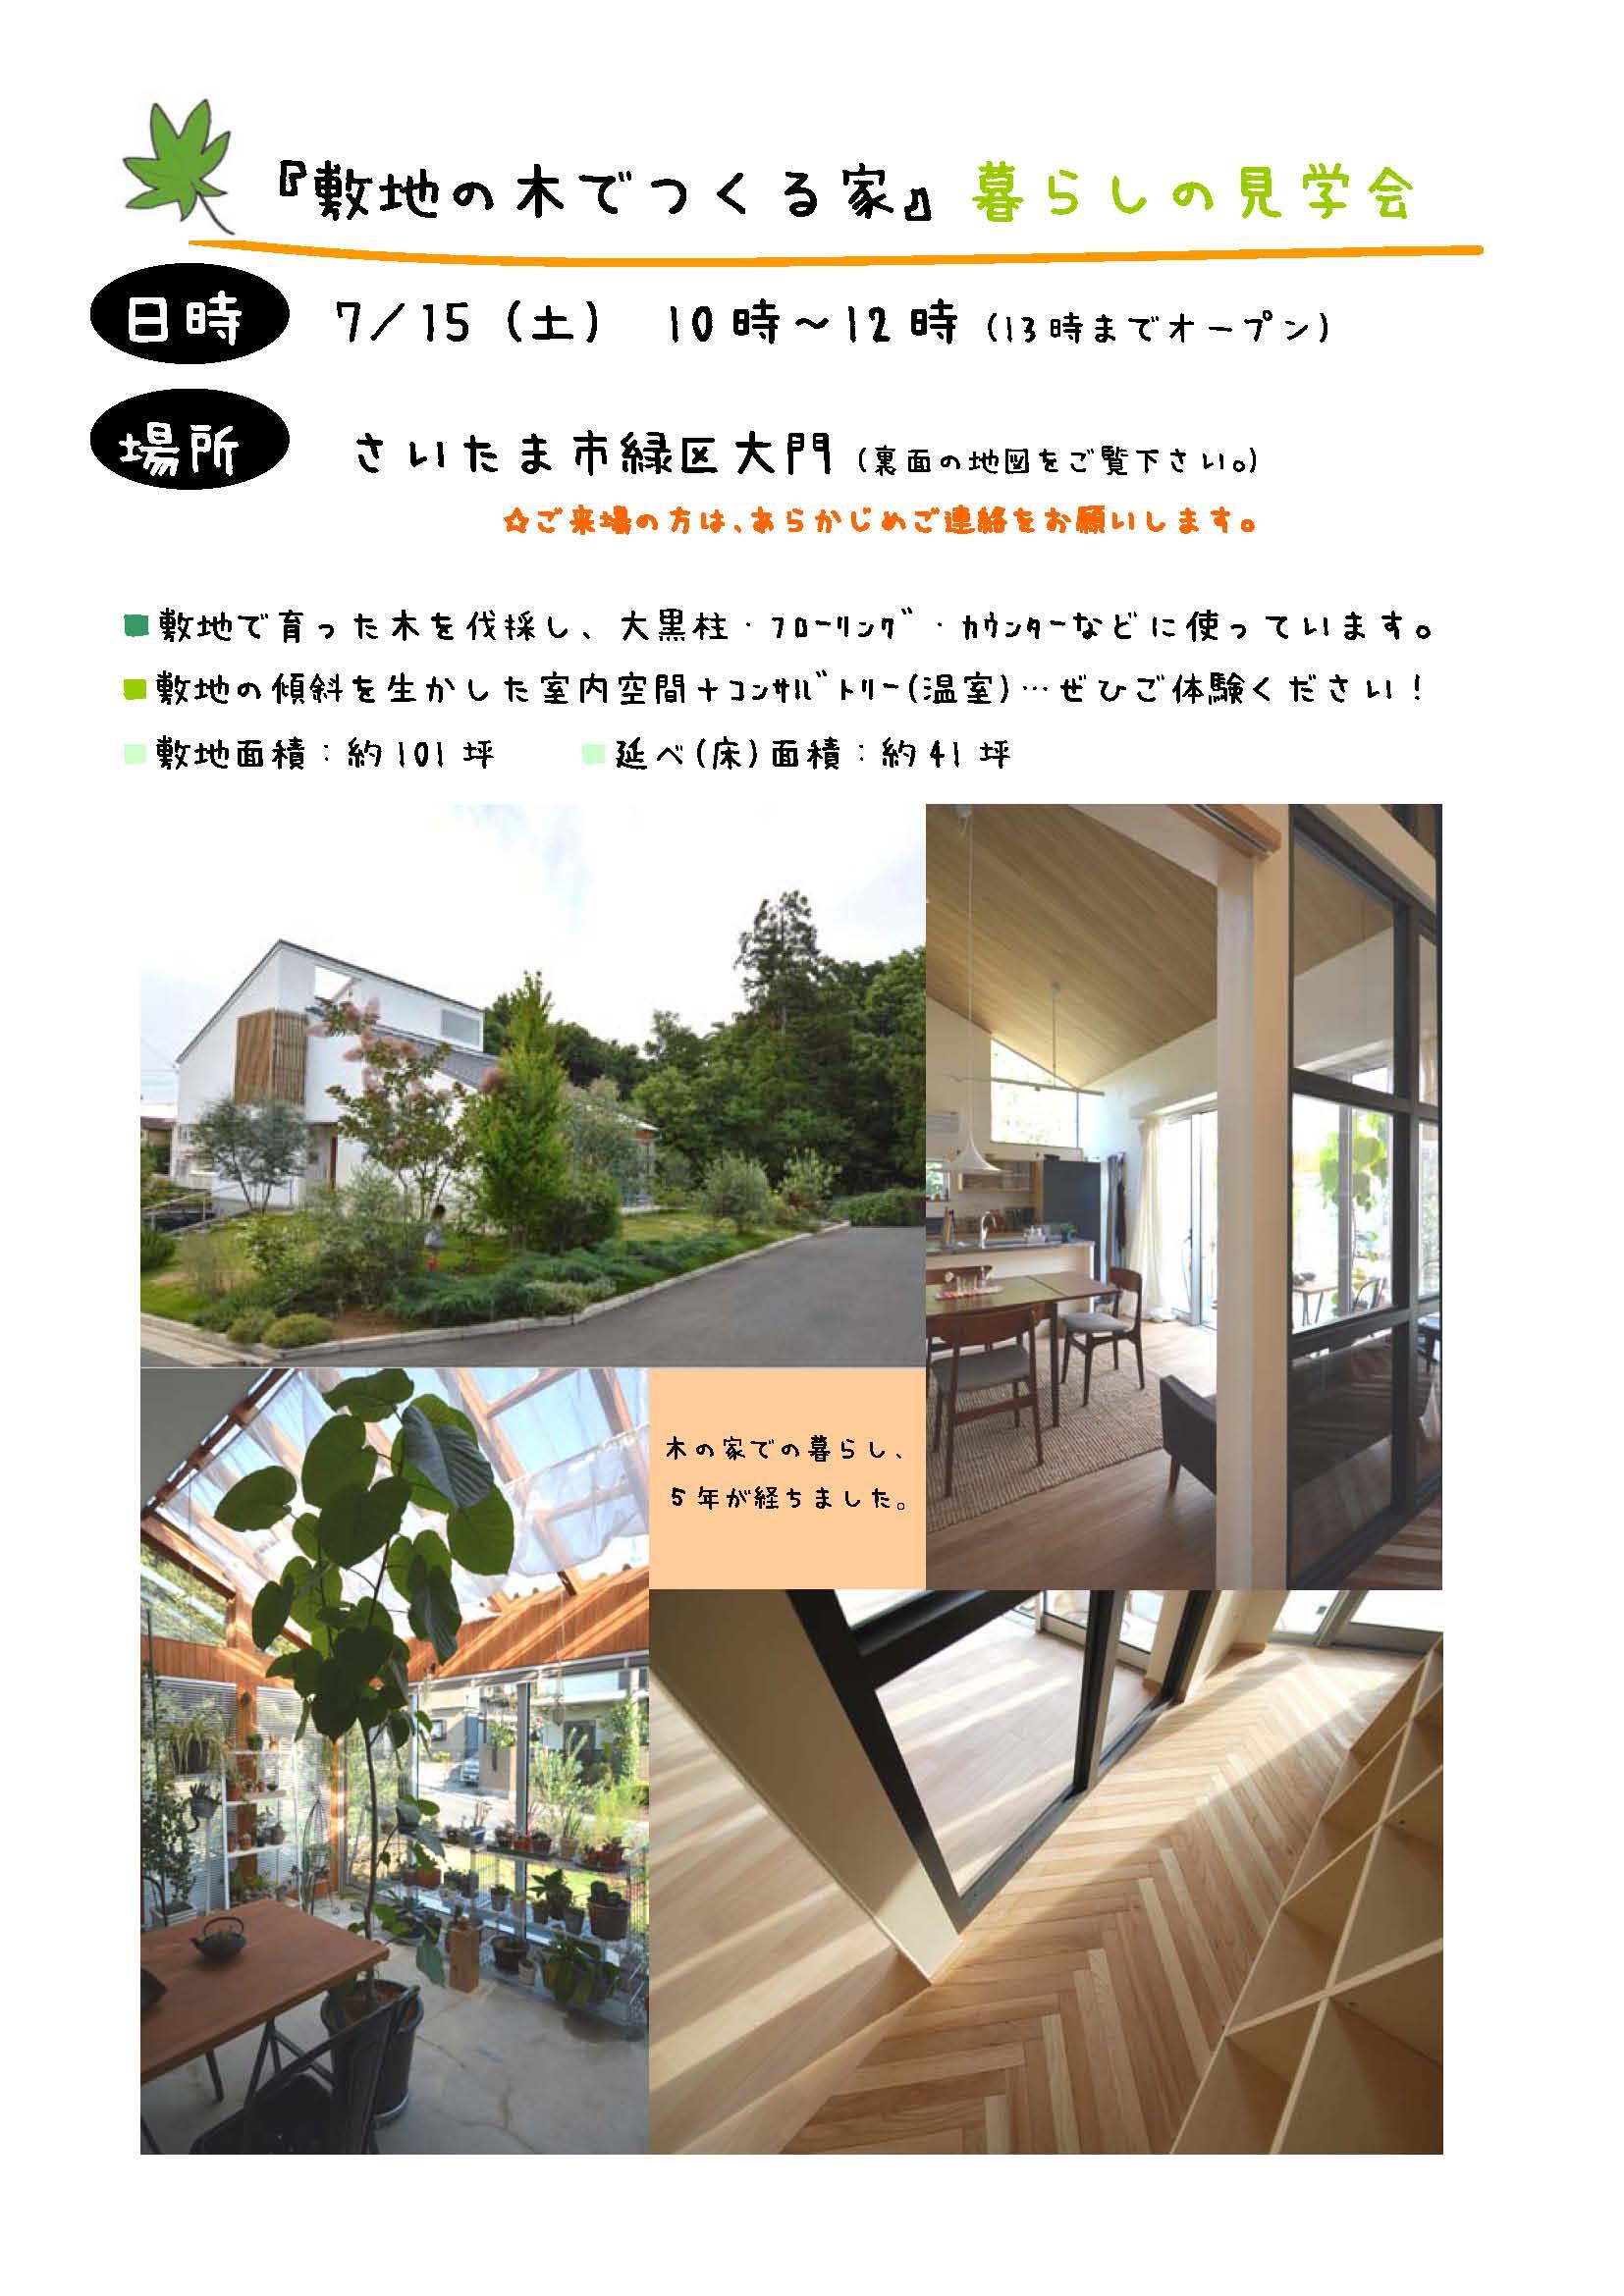 7/15(土) 【暮らしの見学会】 at さいたま市緑区